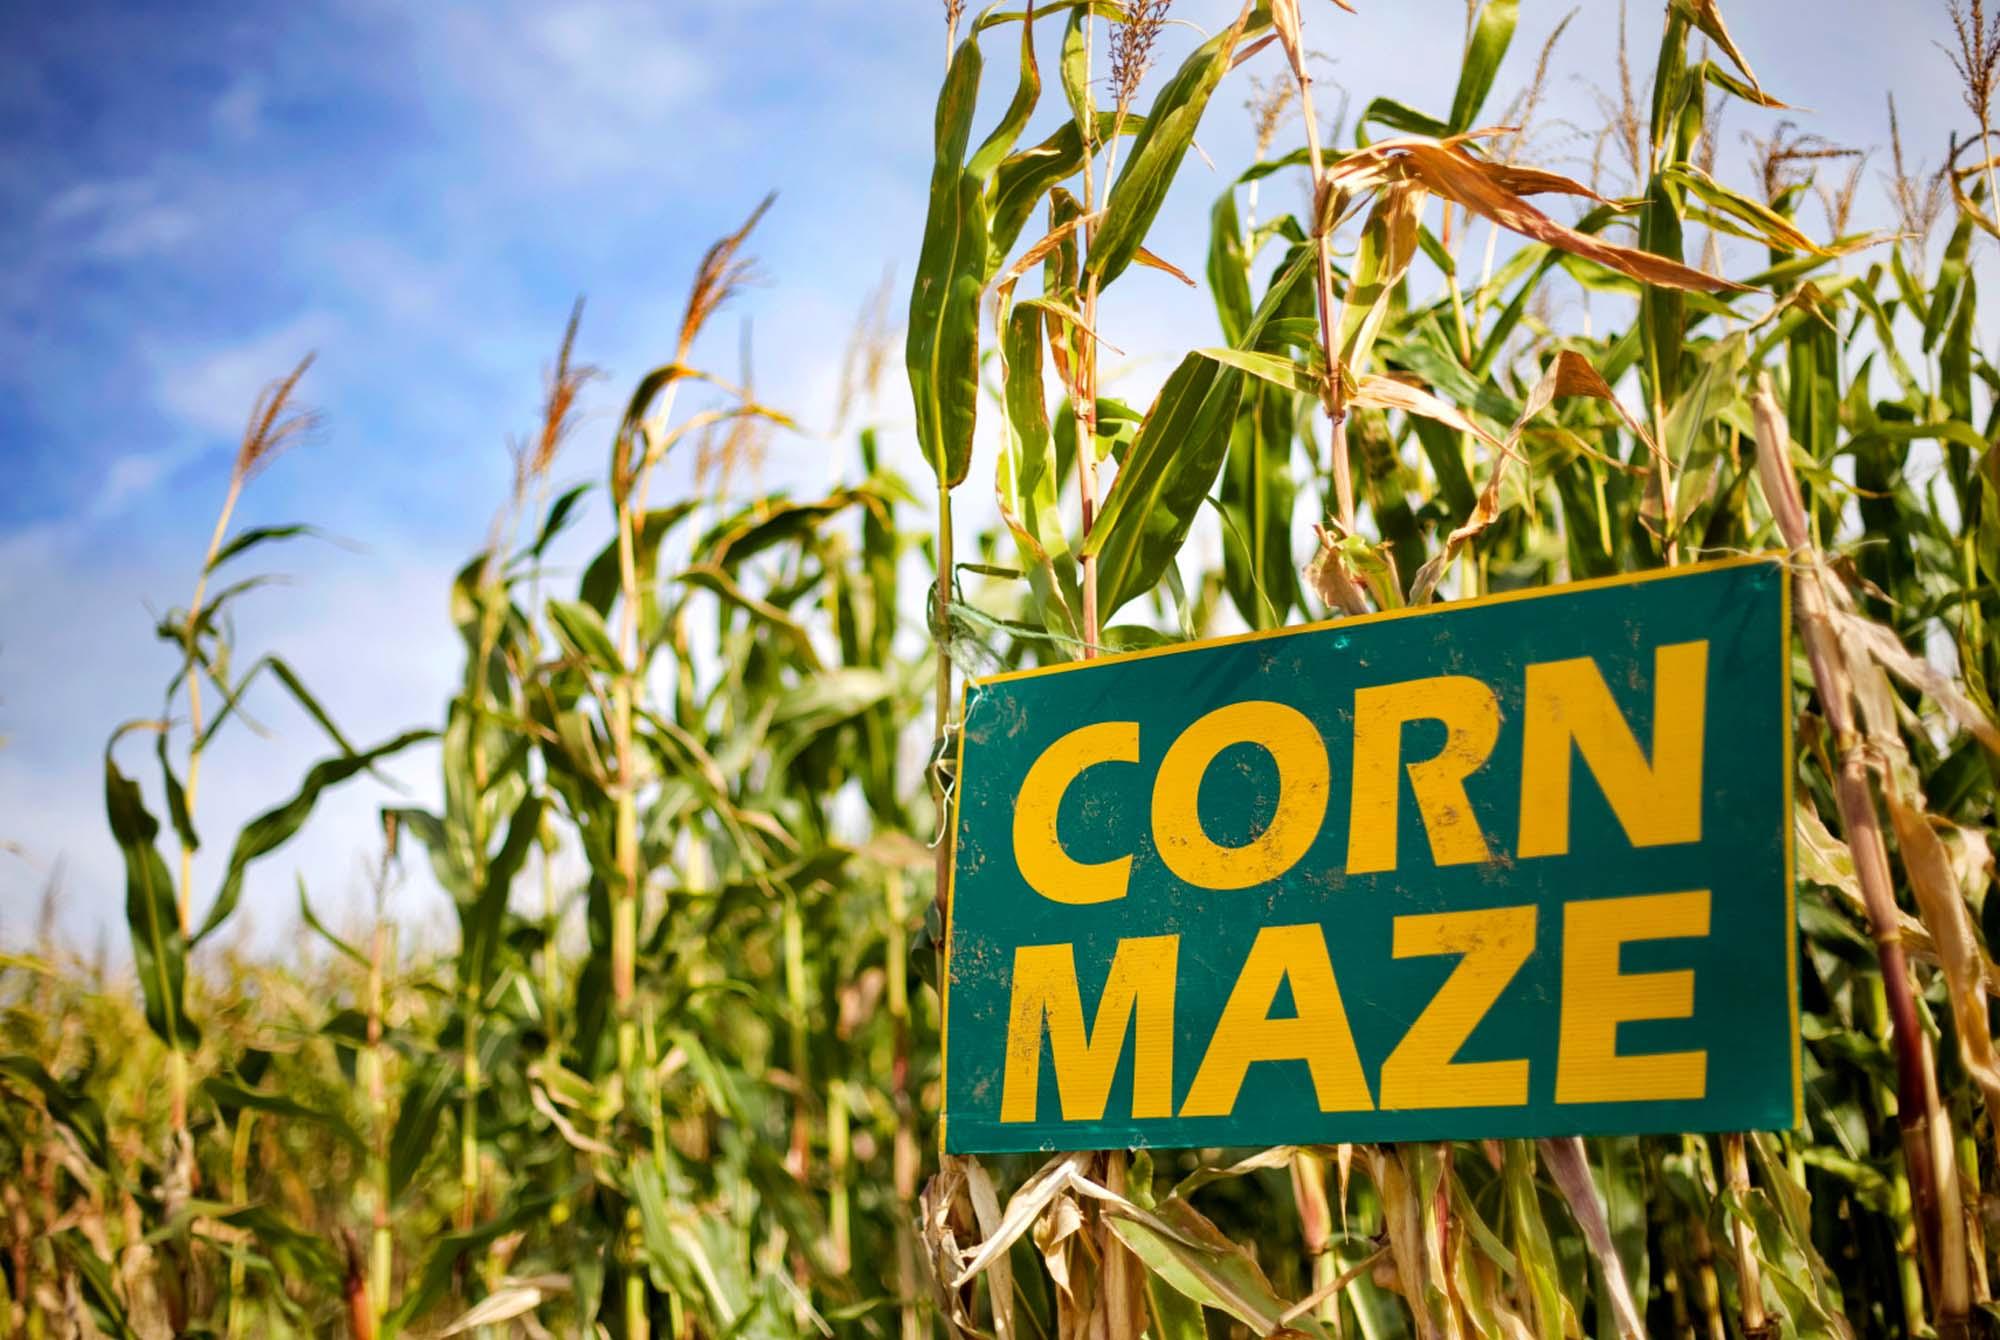 corn-maze-background-image_01